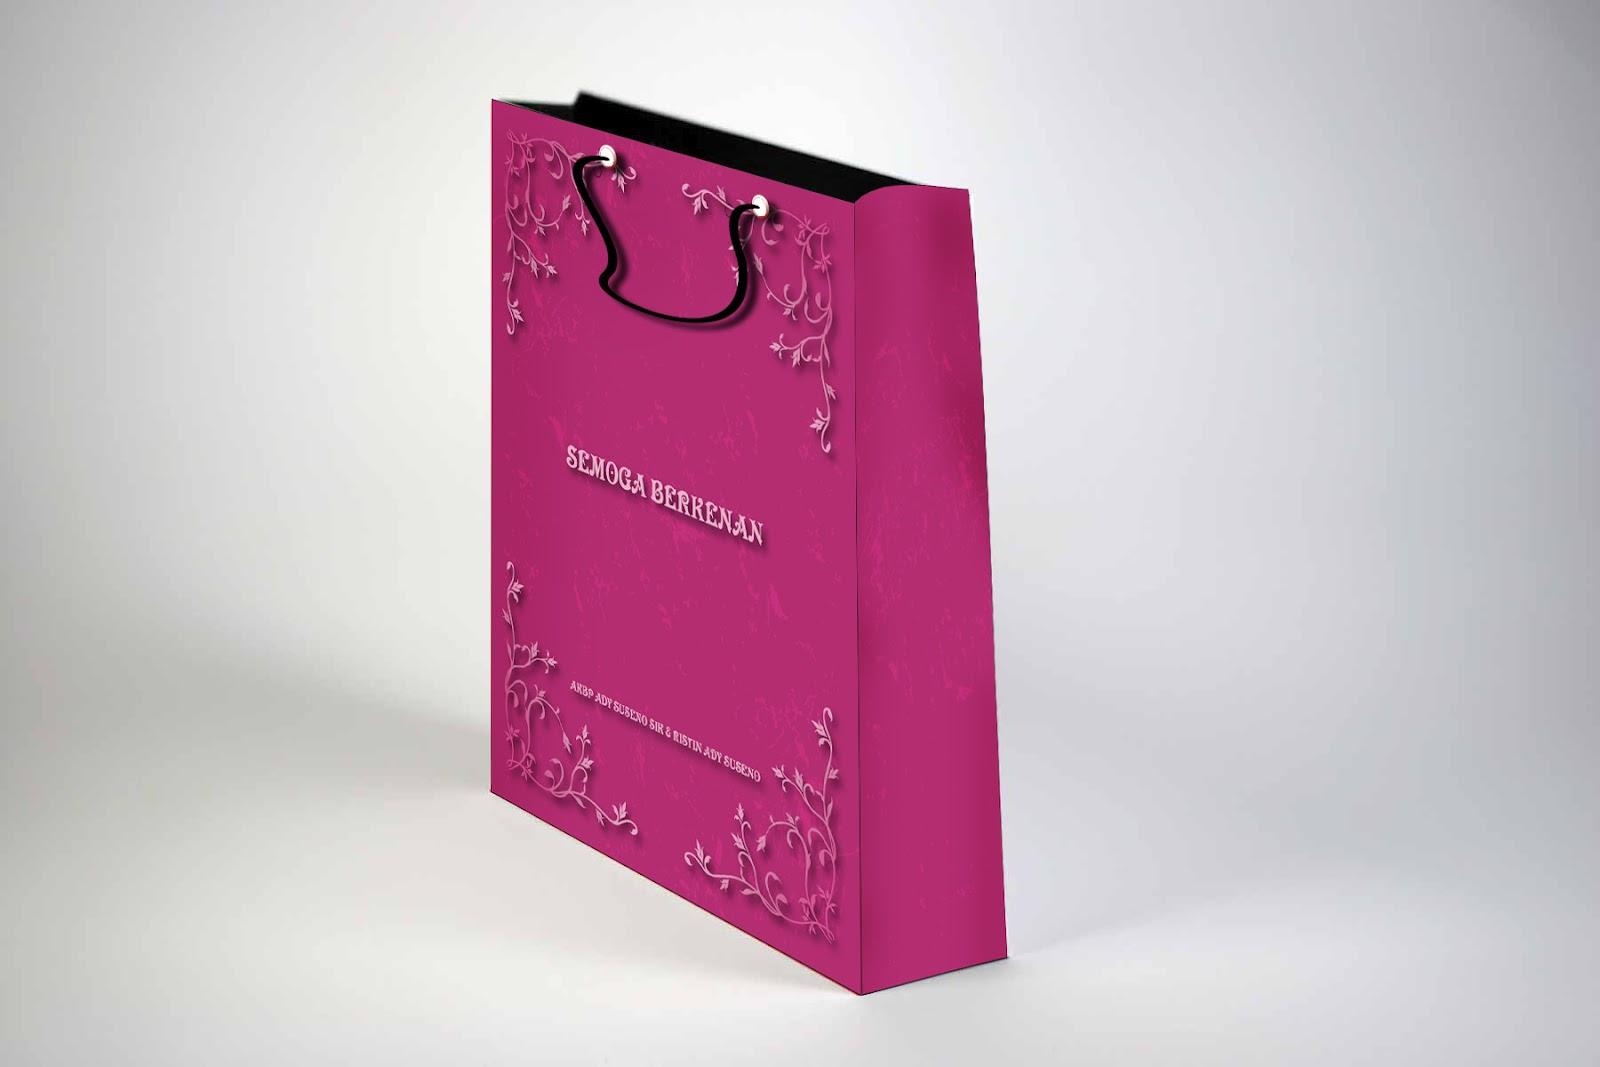 http://4.bp.blogspot.com/-0ZMfUseuhqI/T0ENrl67tZI/AAAAAAAAAnQ/wiu1ZwejCh0/s1600/paperbag+souvenir.jpg